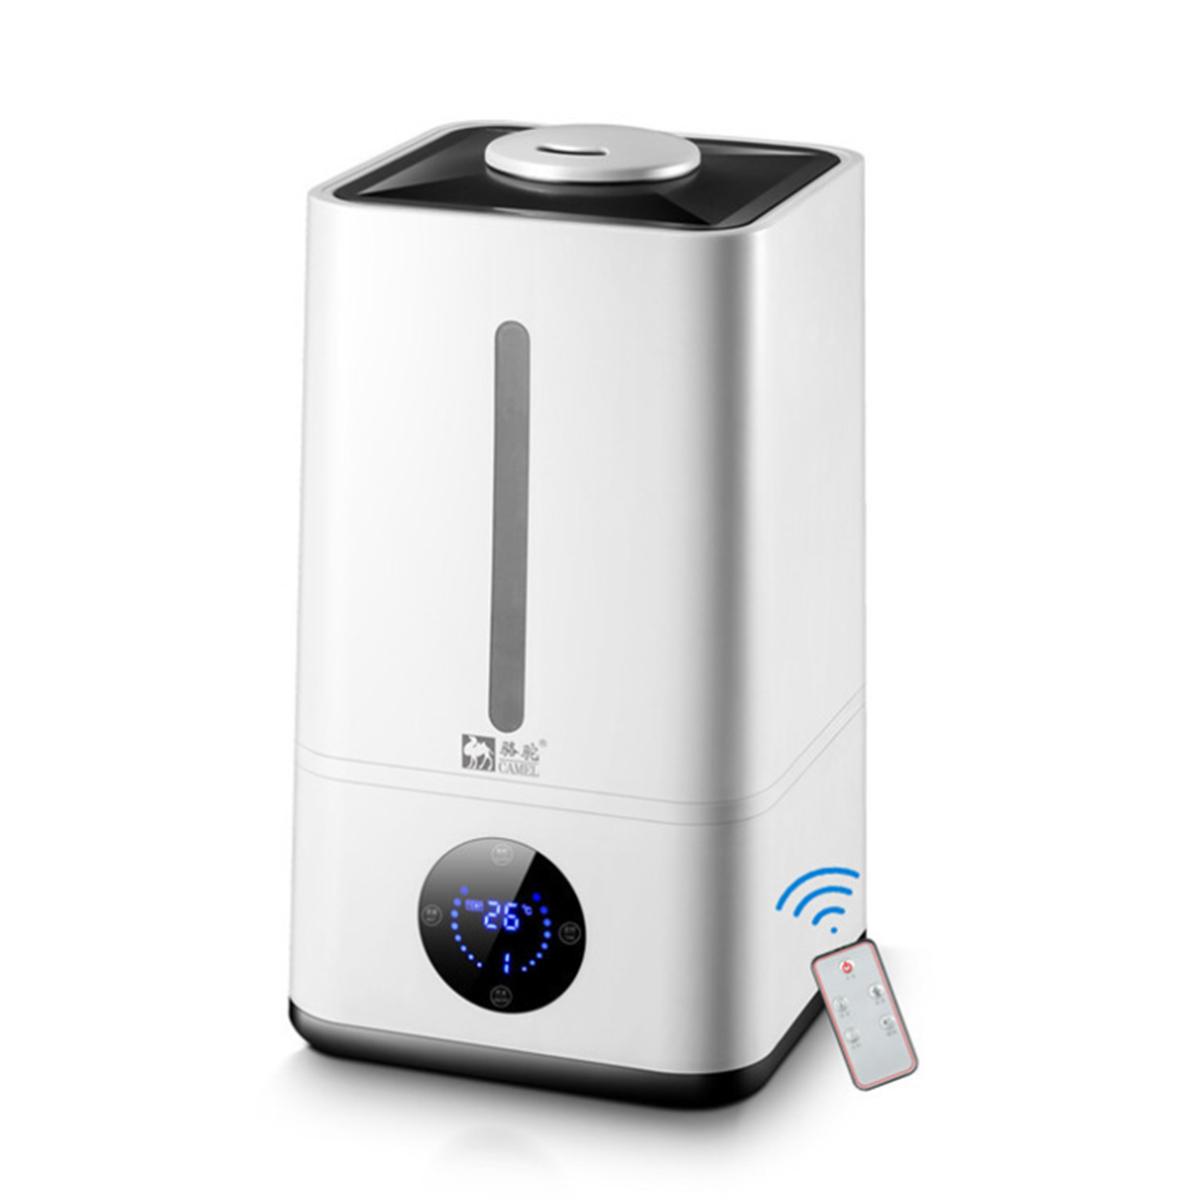 Luftreiniger Luftbefeuchter LED Anzeige Fernbedienung 4.8L Wassertank Zeiteinstellung